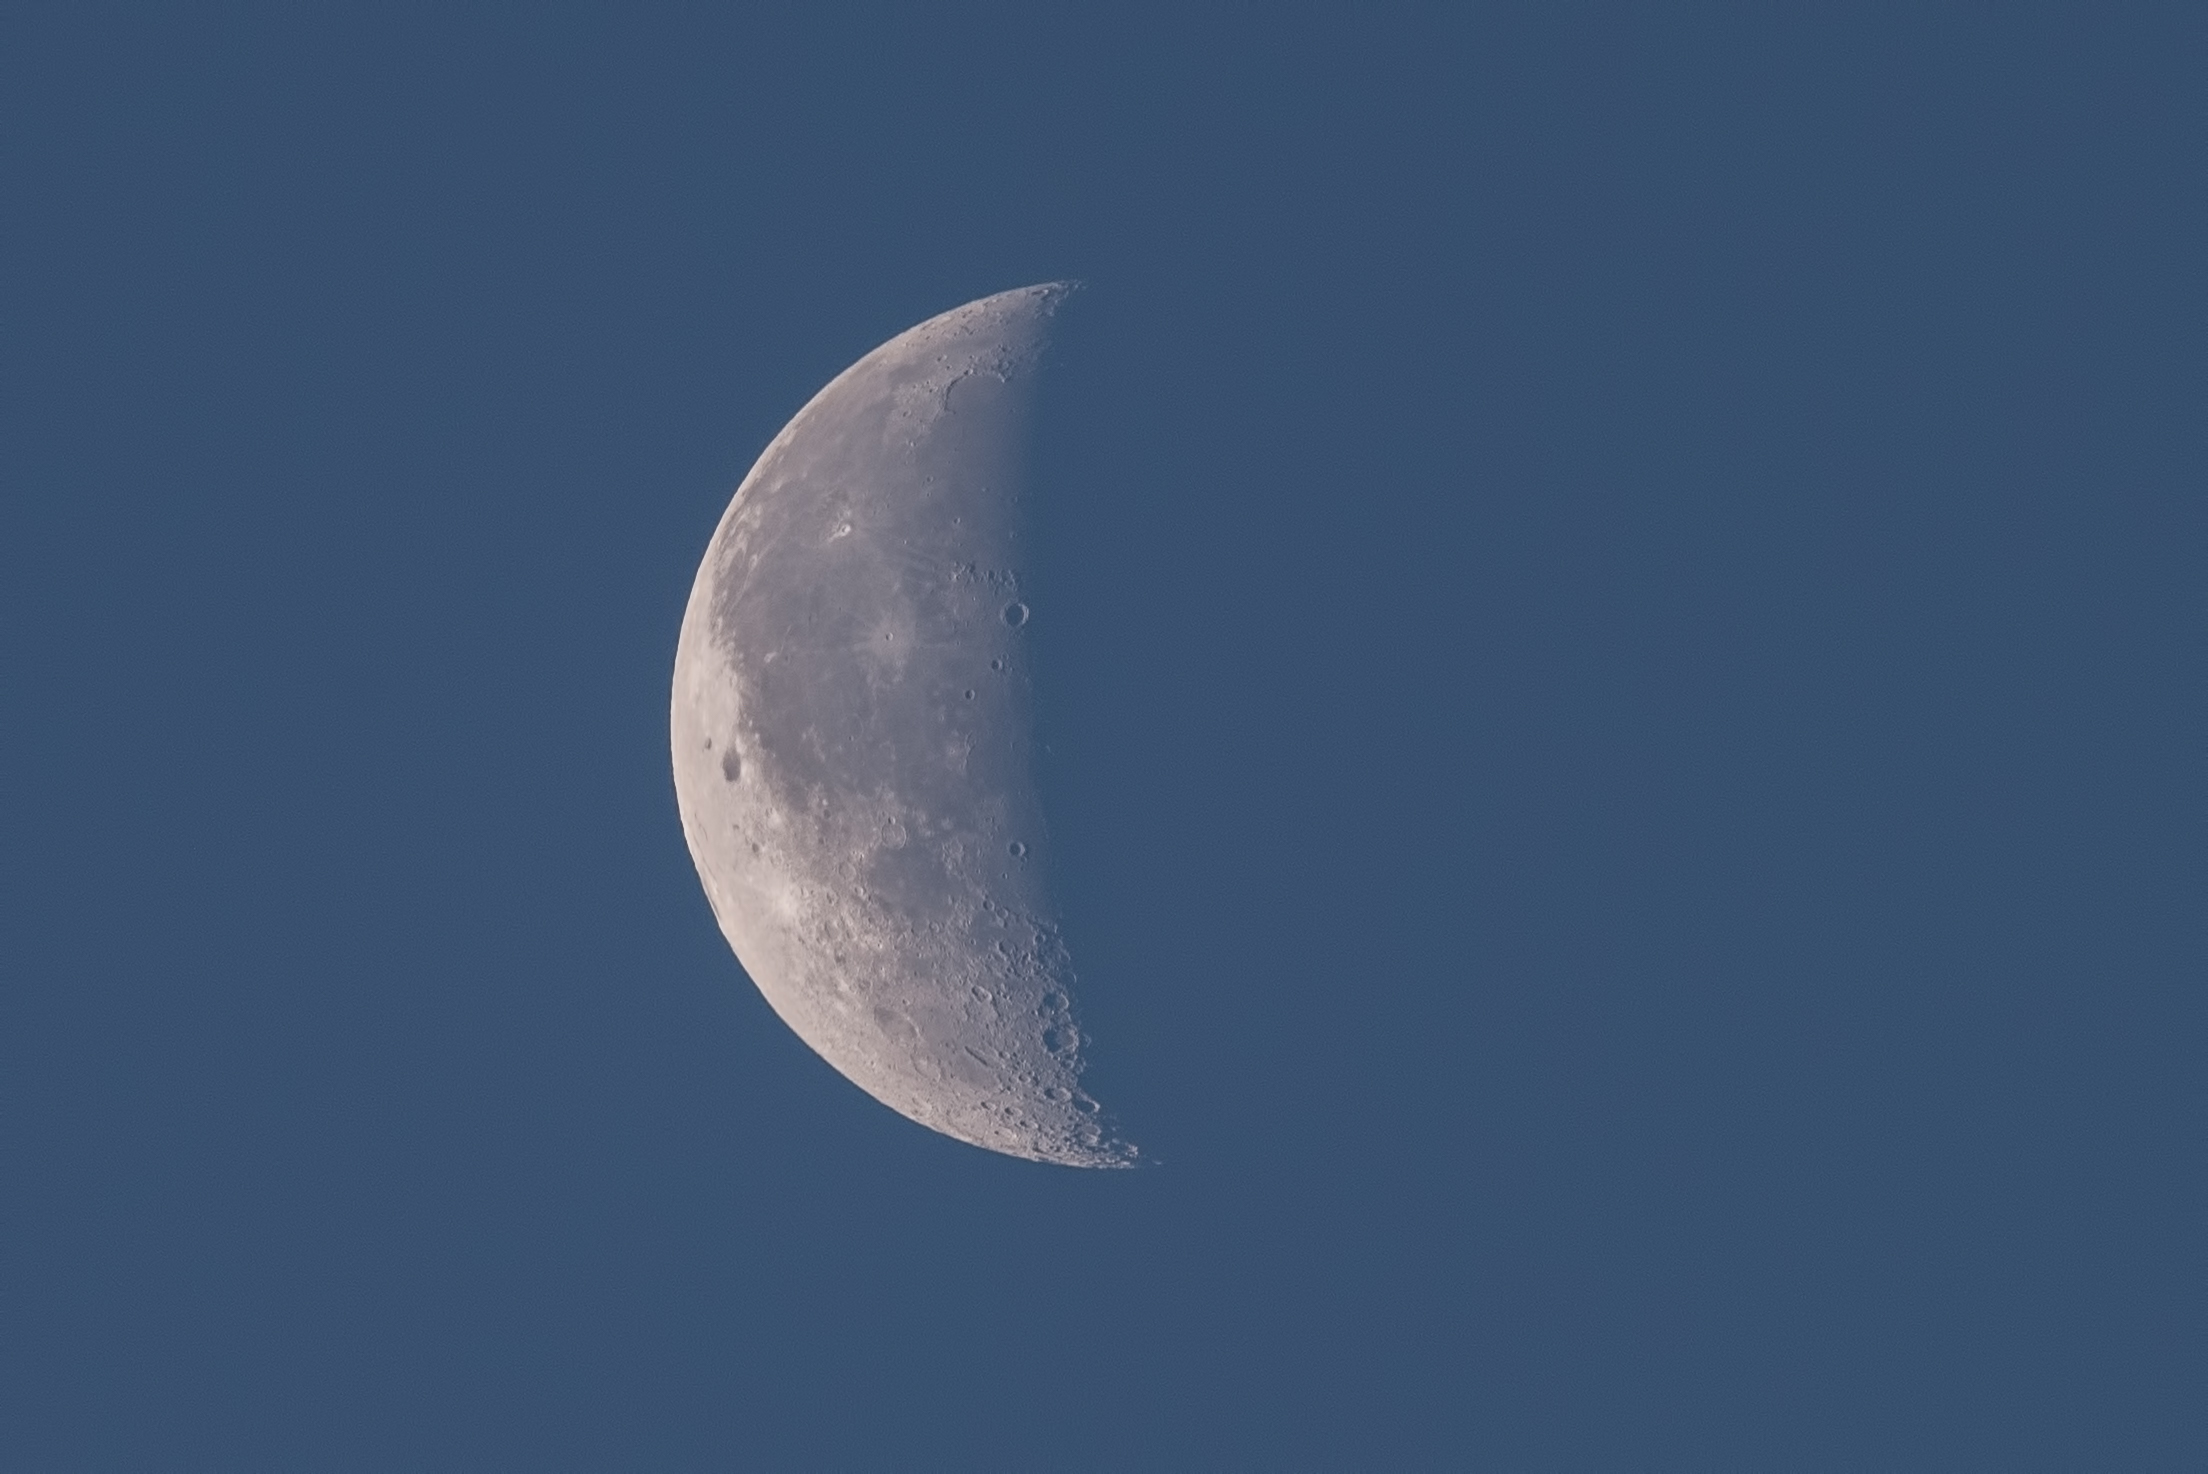 Waxing Crescent  Moon Nikon D750 ISO 400 600mm f/11 1/250 sec.